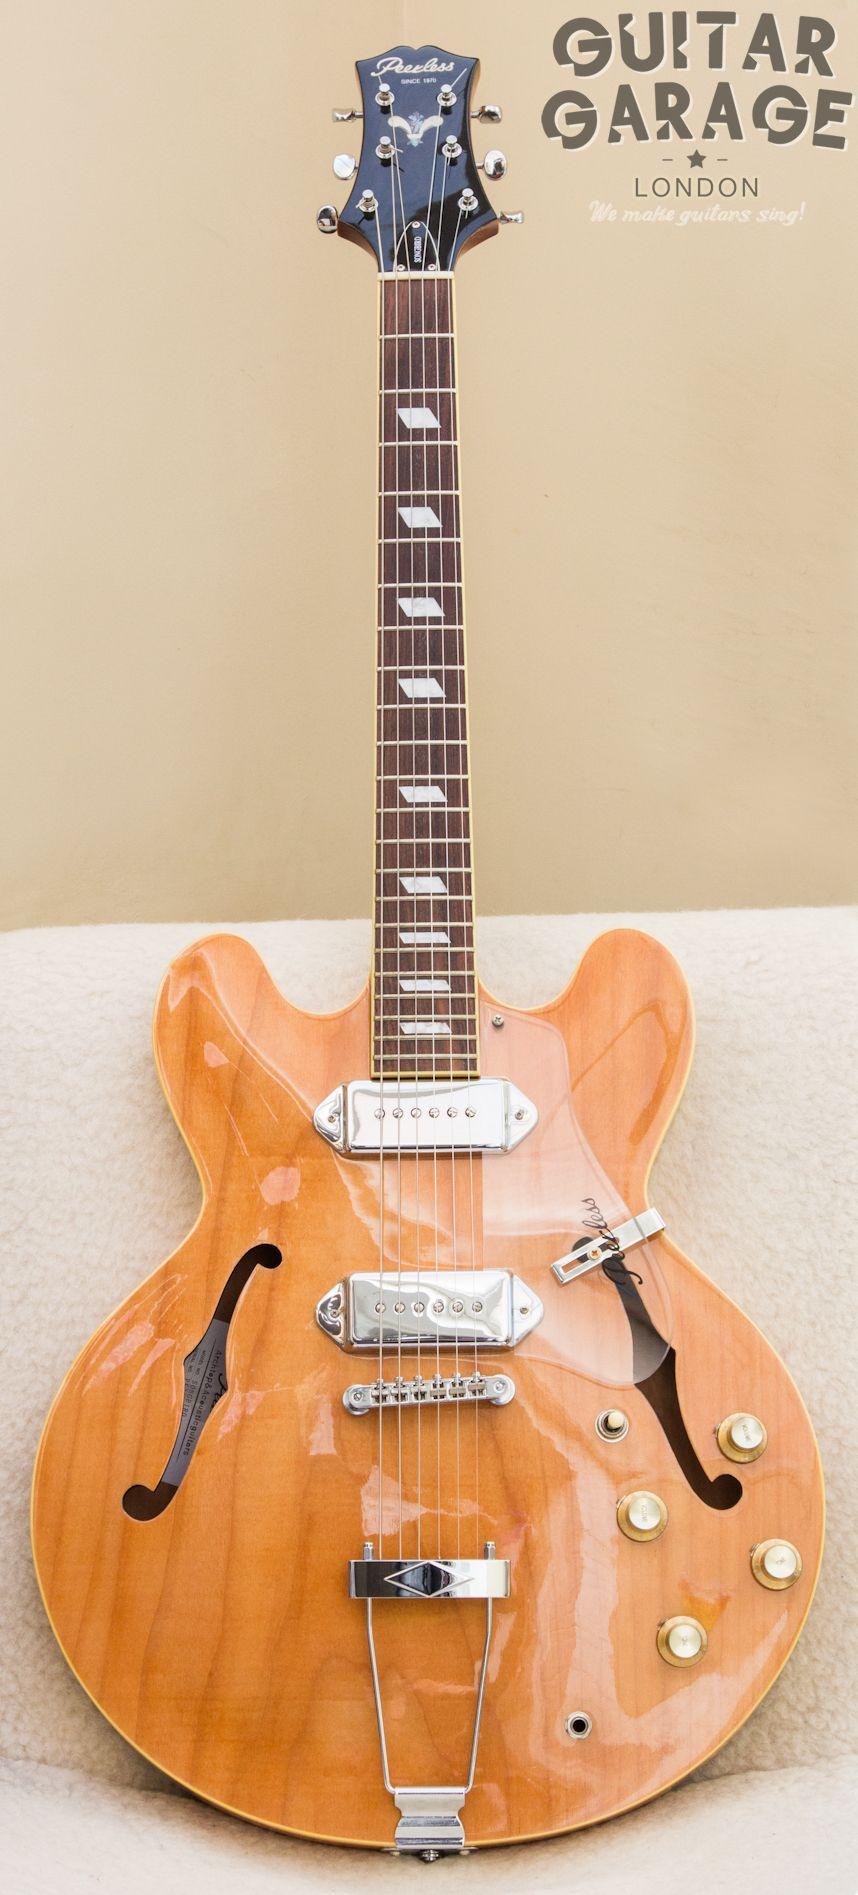 Peerless Songbird Hollowbody Cool Guitars Pinterest Guitars